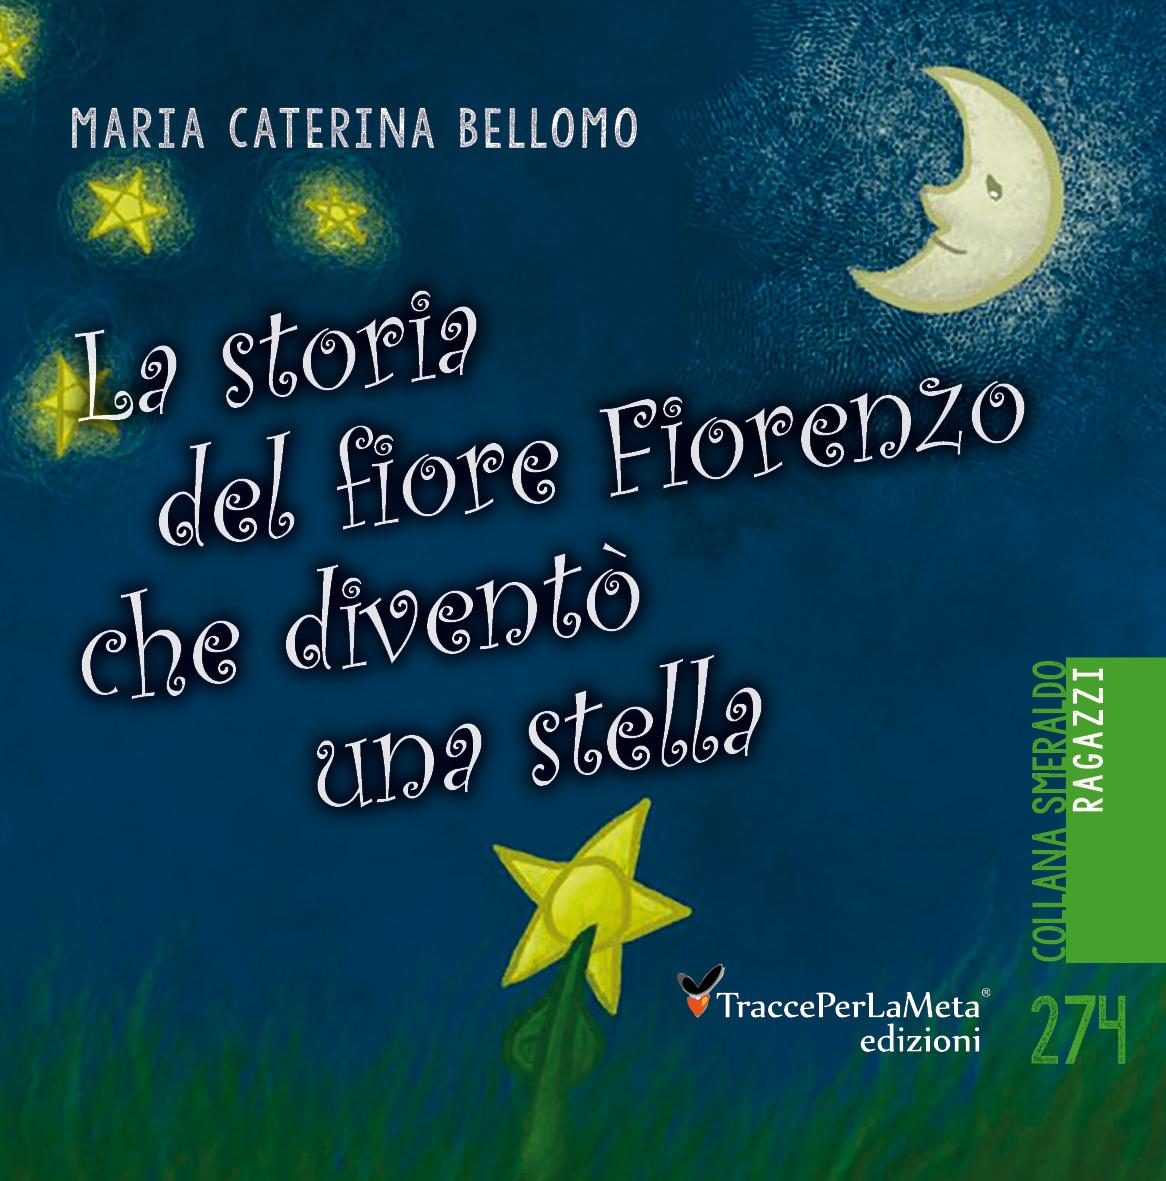 """È in libreria il libro """"La storia del fiore Fiorenzo che diventò una stella"""" di Maria Caterina Bellomo"""